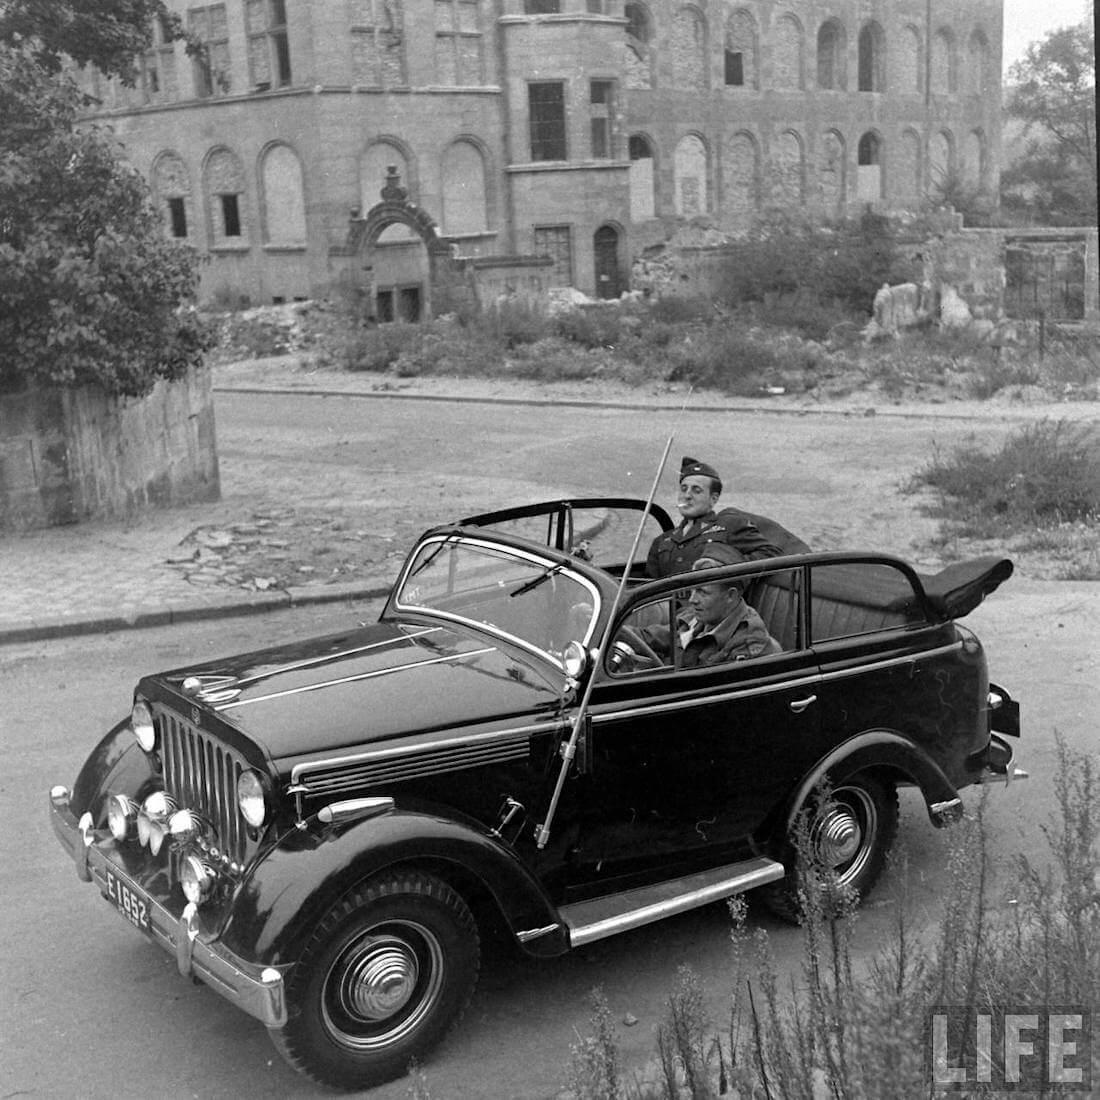 Walter Coch 1946 Coch-Willys maasturin kyydissä Saksassa. Kuva: Walter Sanders/Life.